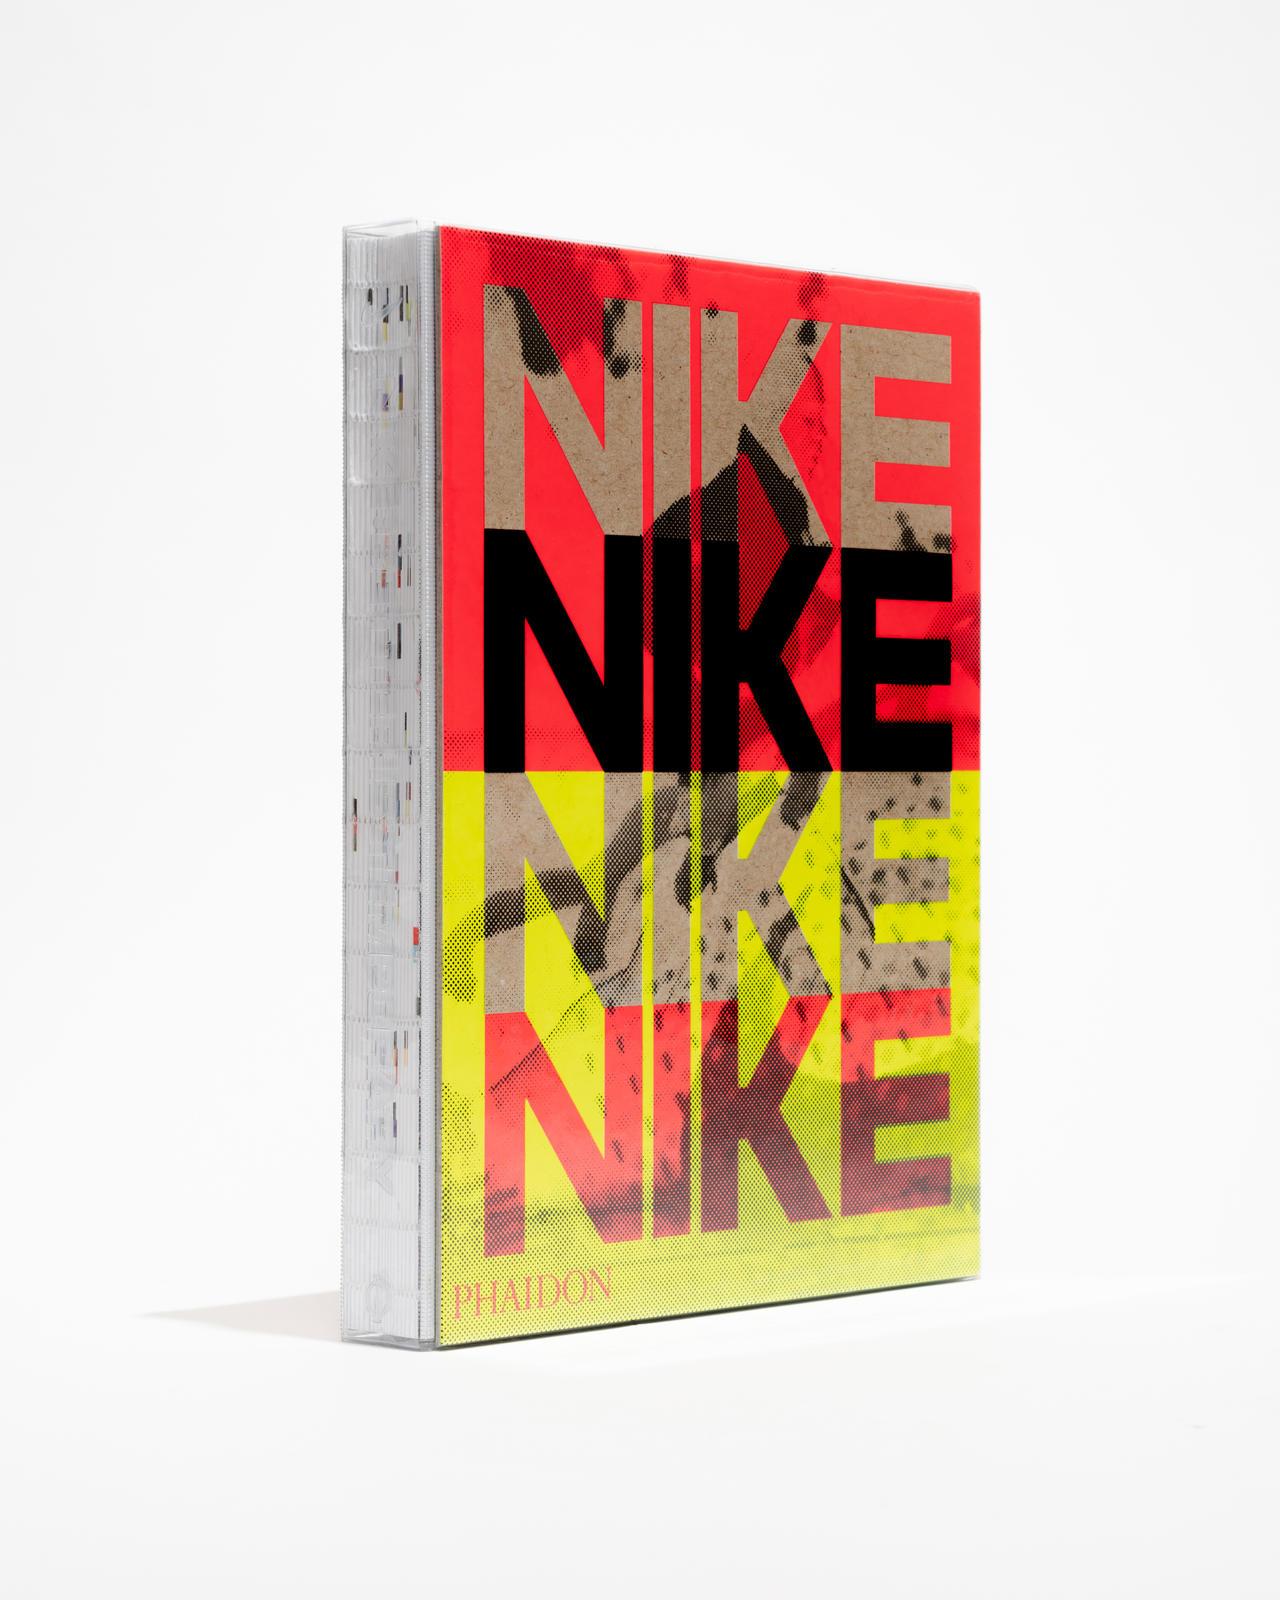 O livro abre com uma seção introdutória sobre Breaking2 e, em seguida, apresenta em cinco capítulos temáticos o foco da Nike em desempenho, expressão de marca, colaboração, design inclusivo e sustentabilidade.